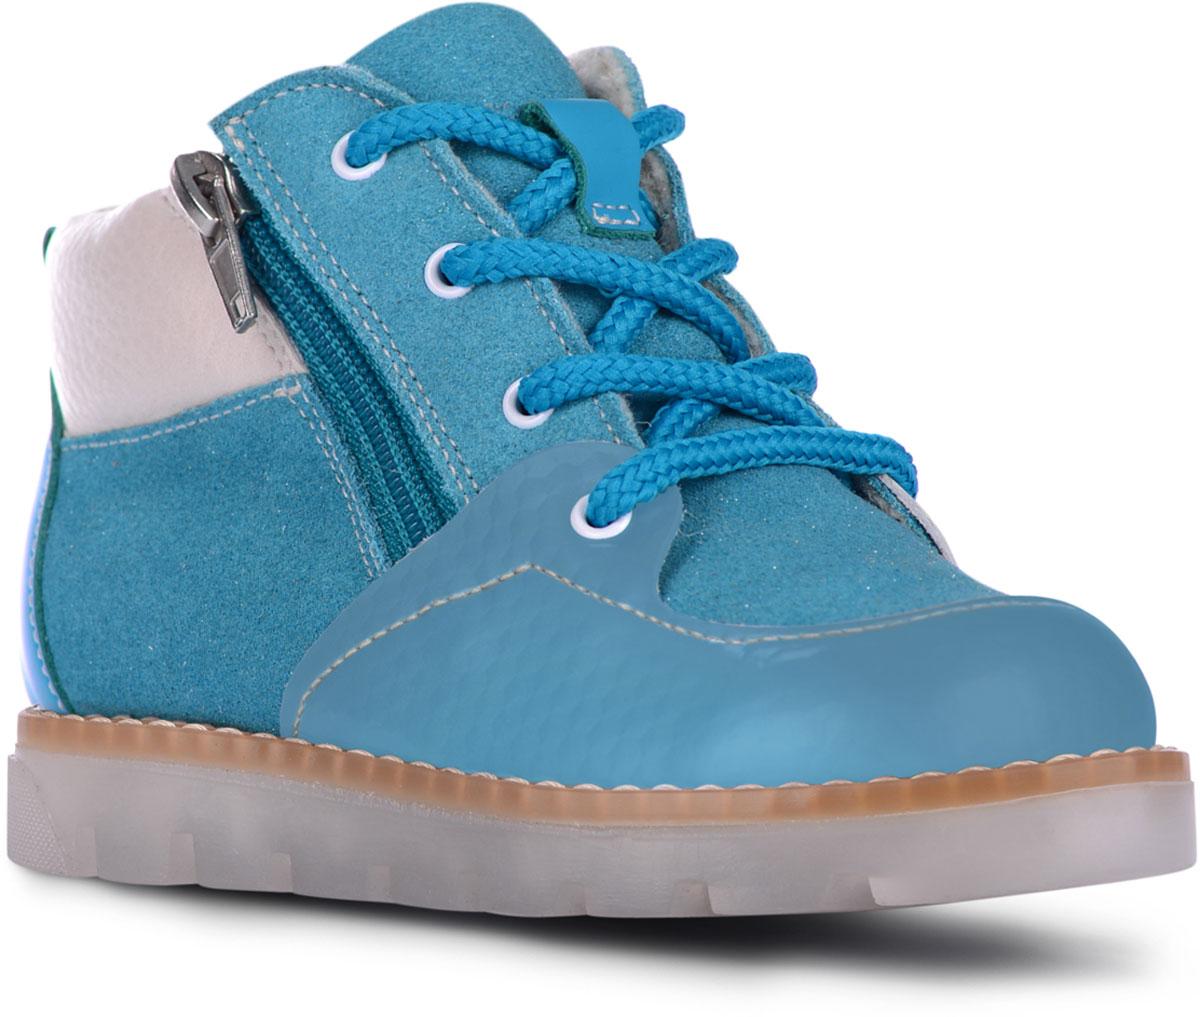 Ботинки для девочек TapiBoo Сидней, цвет: бирюзовый. 23008. Размер 3423008Утепленные ботинки от TapiBoo придутся по душе, как маленьким непоседам, так и их родителям. Многослойная, анатомическая стелька гарантирует правильное формирование стопы. Жесткий фиксирующий задник с удлиненным крылом надежно стабилизирует голеностопный сустав во время ходьбы. Упругая, умеренно-эластичная подошва, имеющая перекат позволяющий повторить естественное движение стопы при ходьбе для правильного распределения нагрузки на опорно-двигательный аппарат ребенка. Подкладка из байки Lanatex поддерживает комфортную температуру внутри обуви при погодных условиях от +5°С до -5°С. Для дополнительного удобства ботинки снабжены двумя застежками-молниями, что позволяет легко, не расшнуровывая, снимать и надевать обувь.